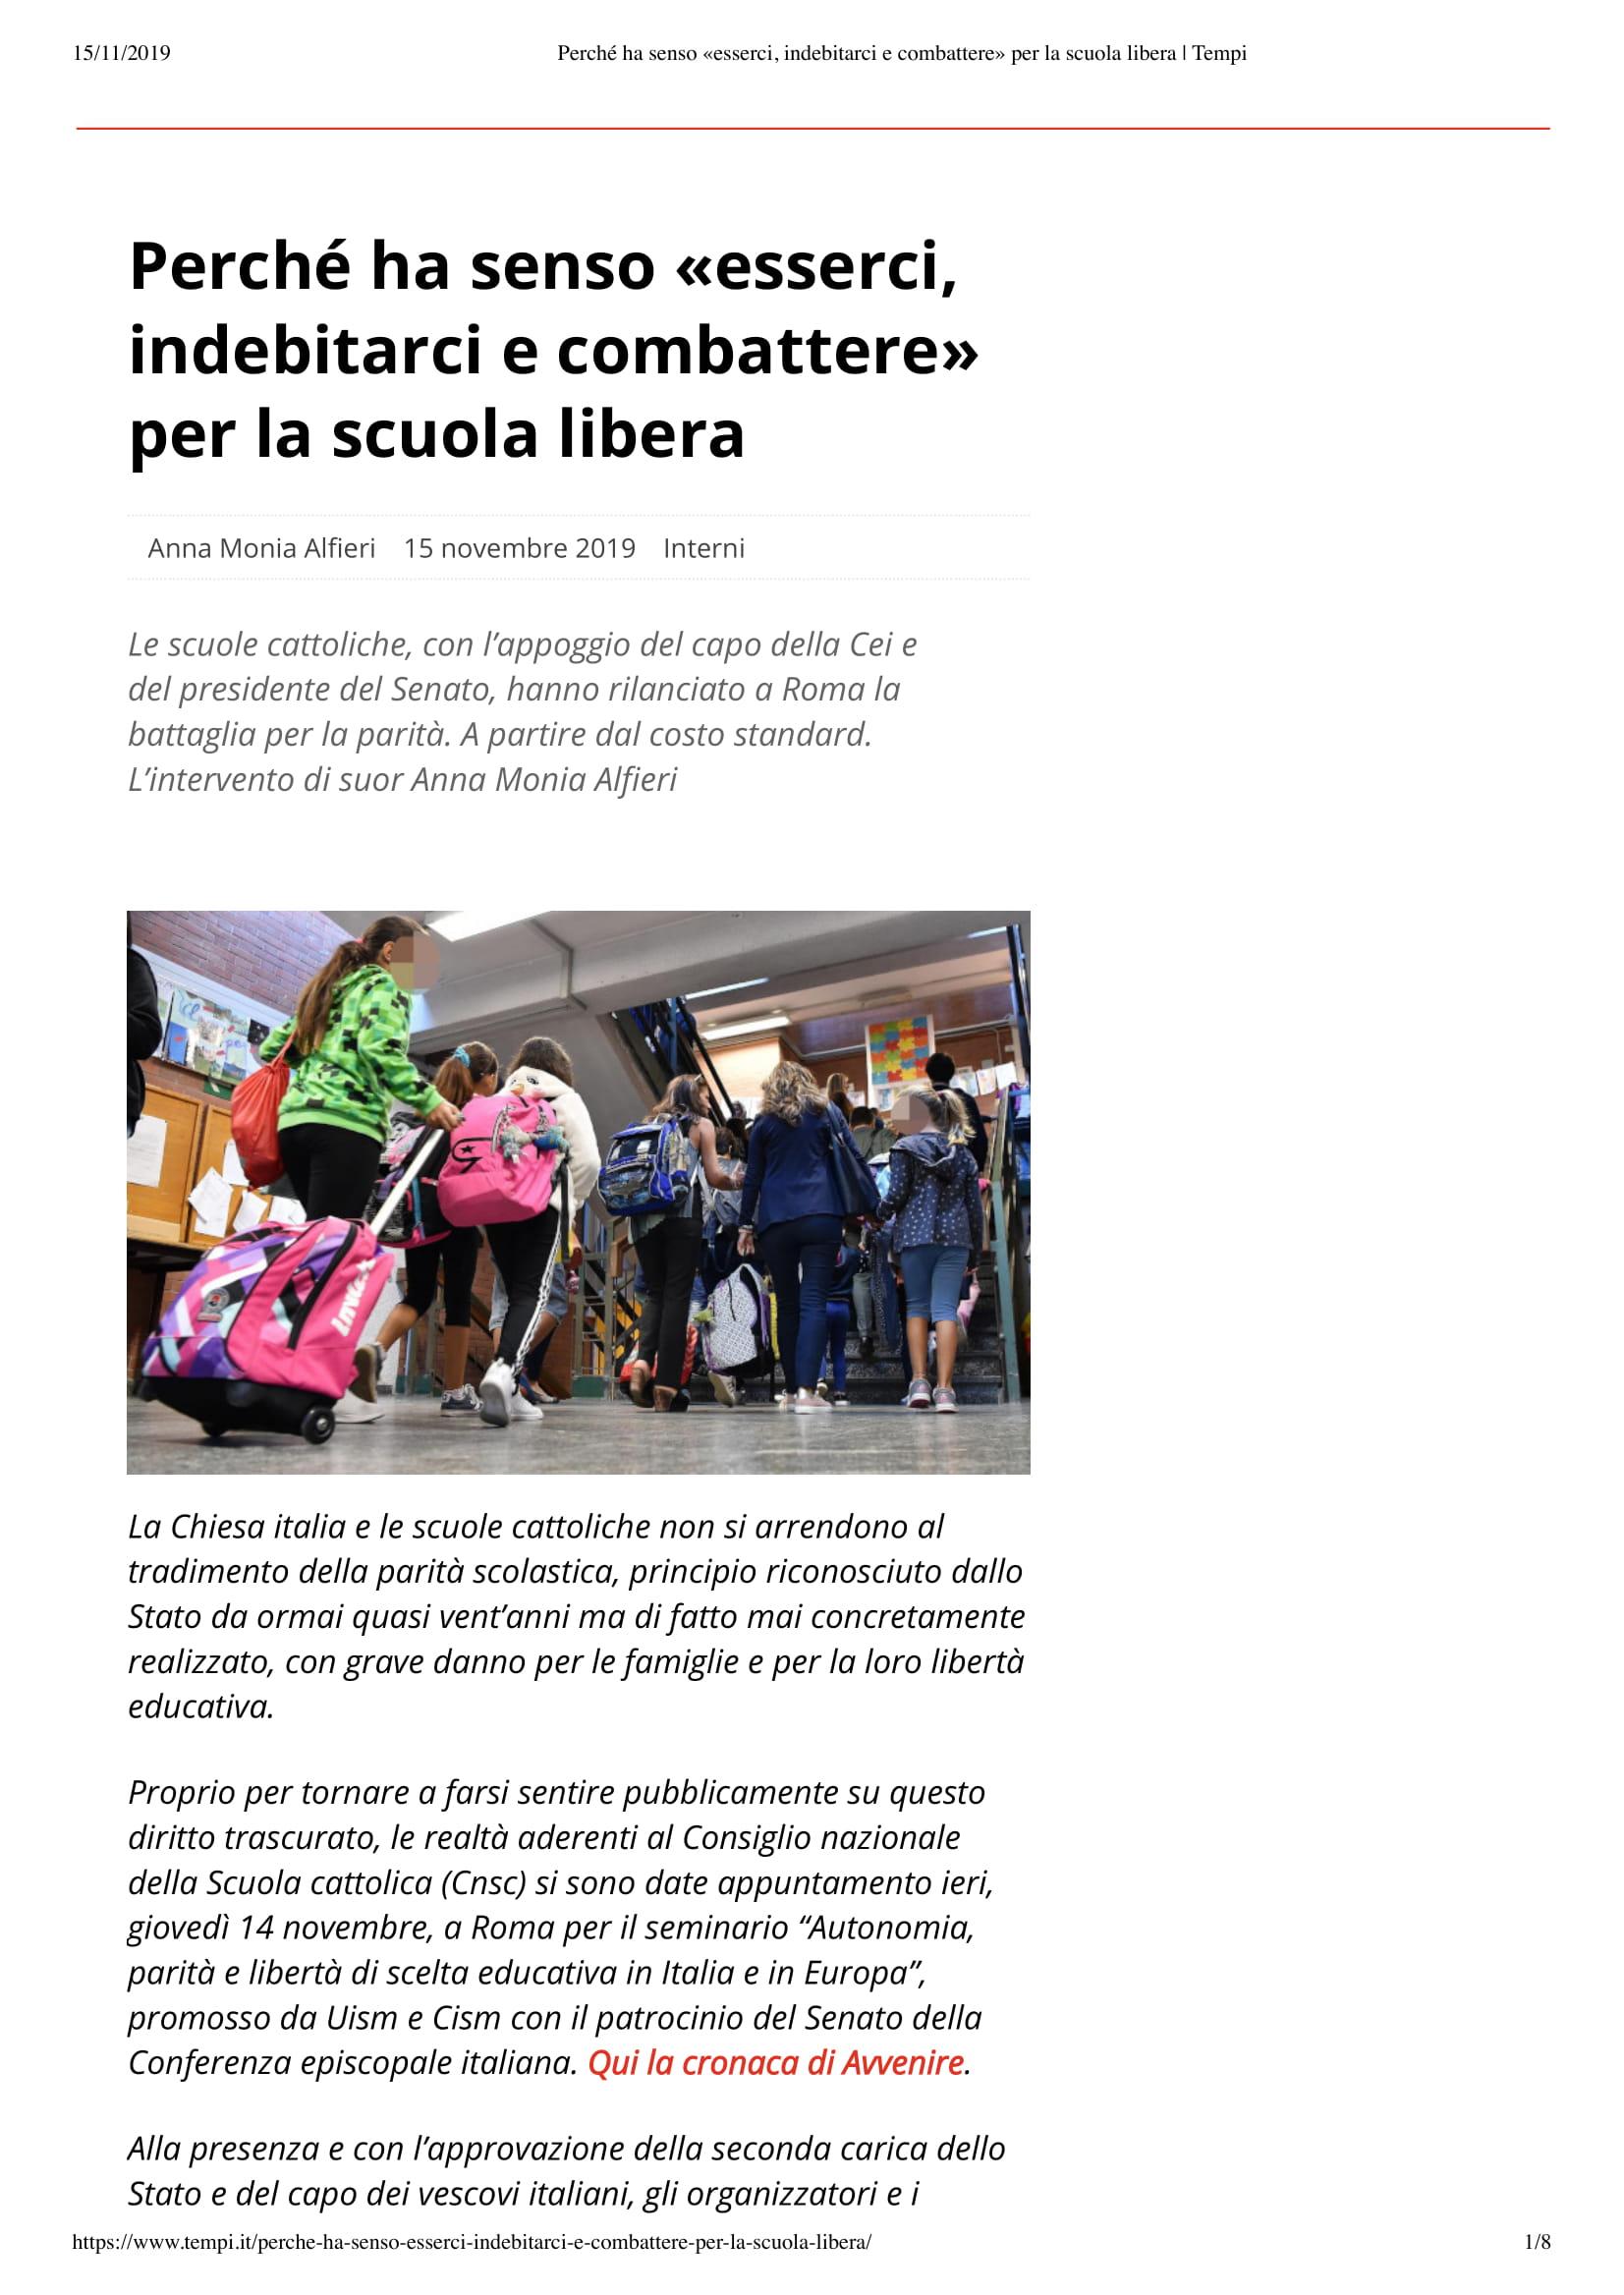 """15/11/2019 – Tempi.it – Perché ha senso """"esserci, indebitarci e combattere"""" per la scuola libera"""